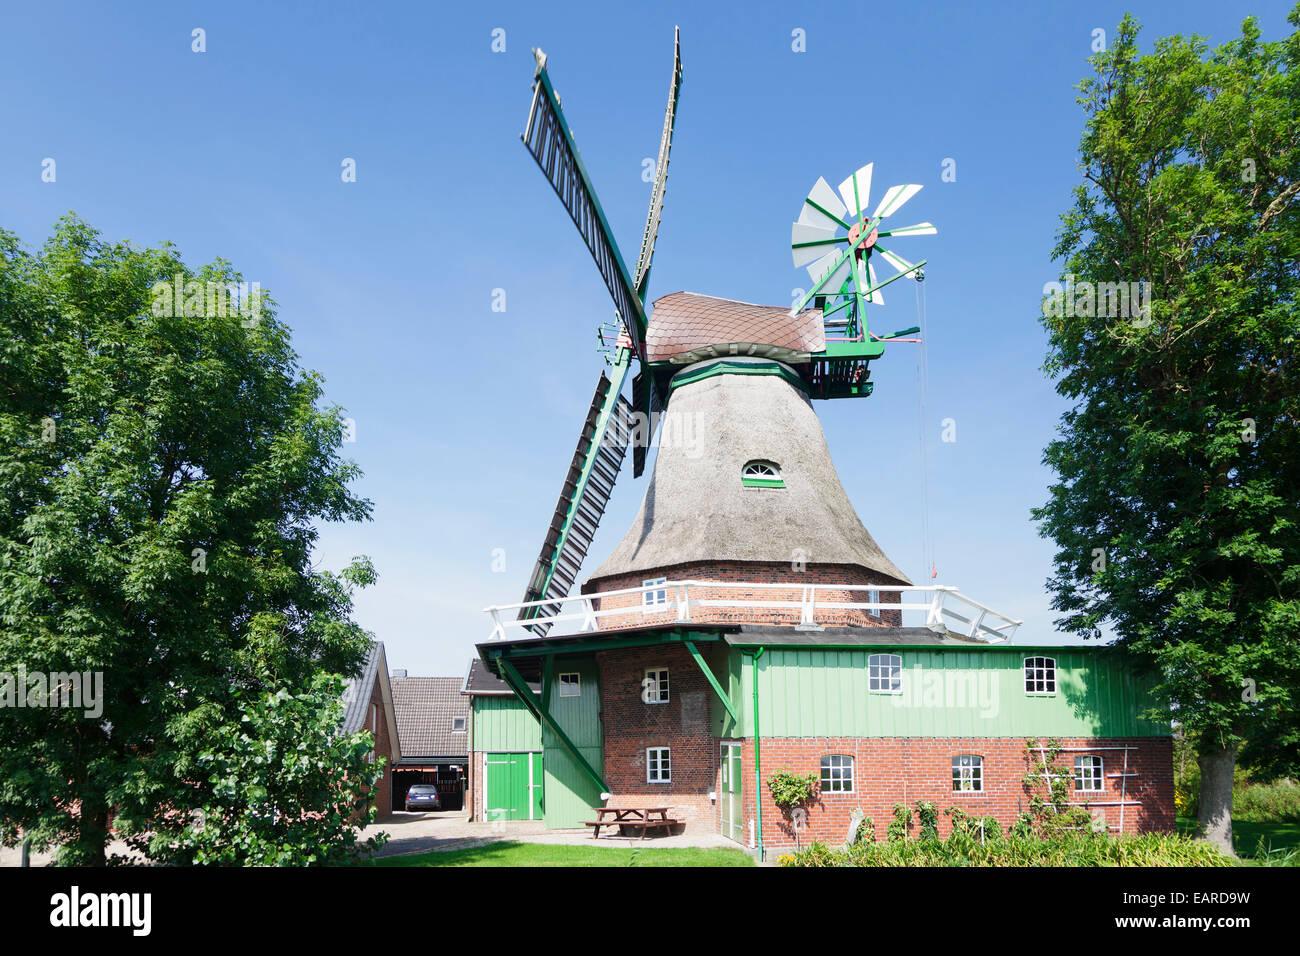 """""""Gott mit uns' Windmill, tedesco per """"Dio con noi"""", galleria olandese mulino a vento, smock mulino Immagini Stock"""